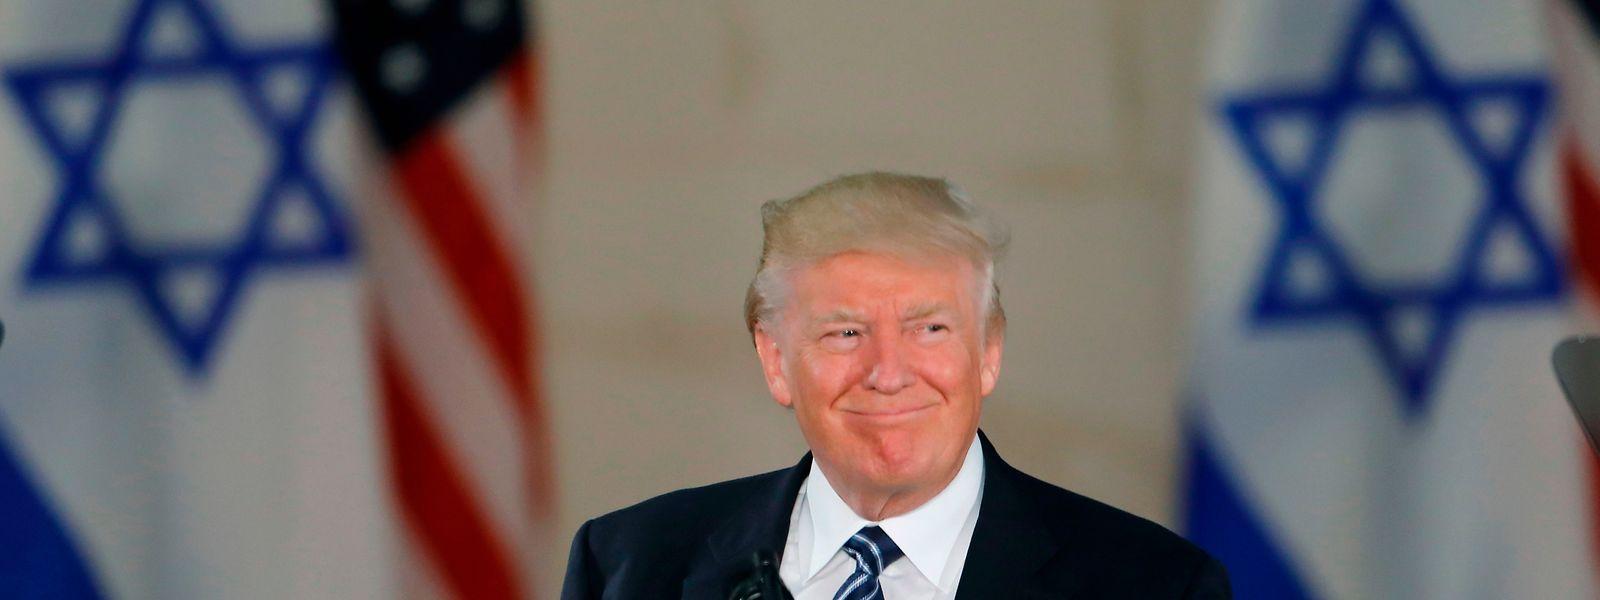 Donald Trump, hier bei einem Staatsbesuch in Jerusalem im Mai, bezieht in der Hauptstadtfrage klar Position.